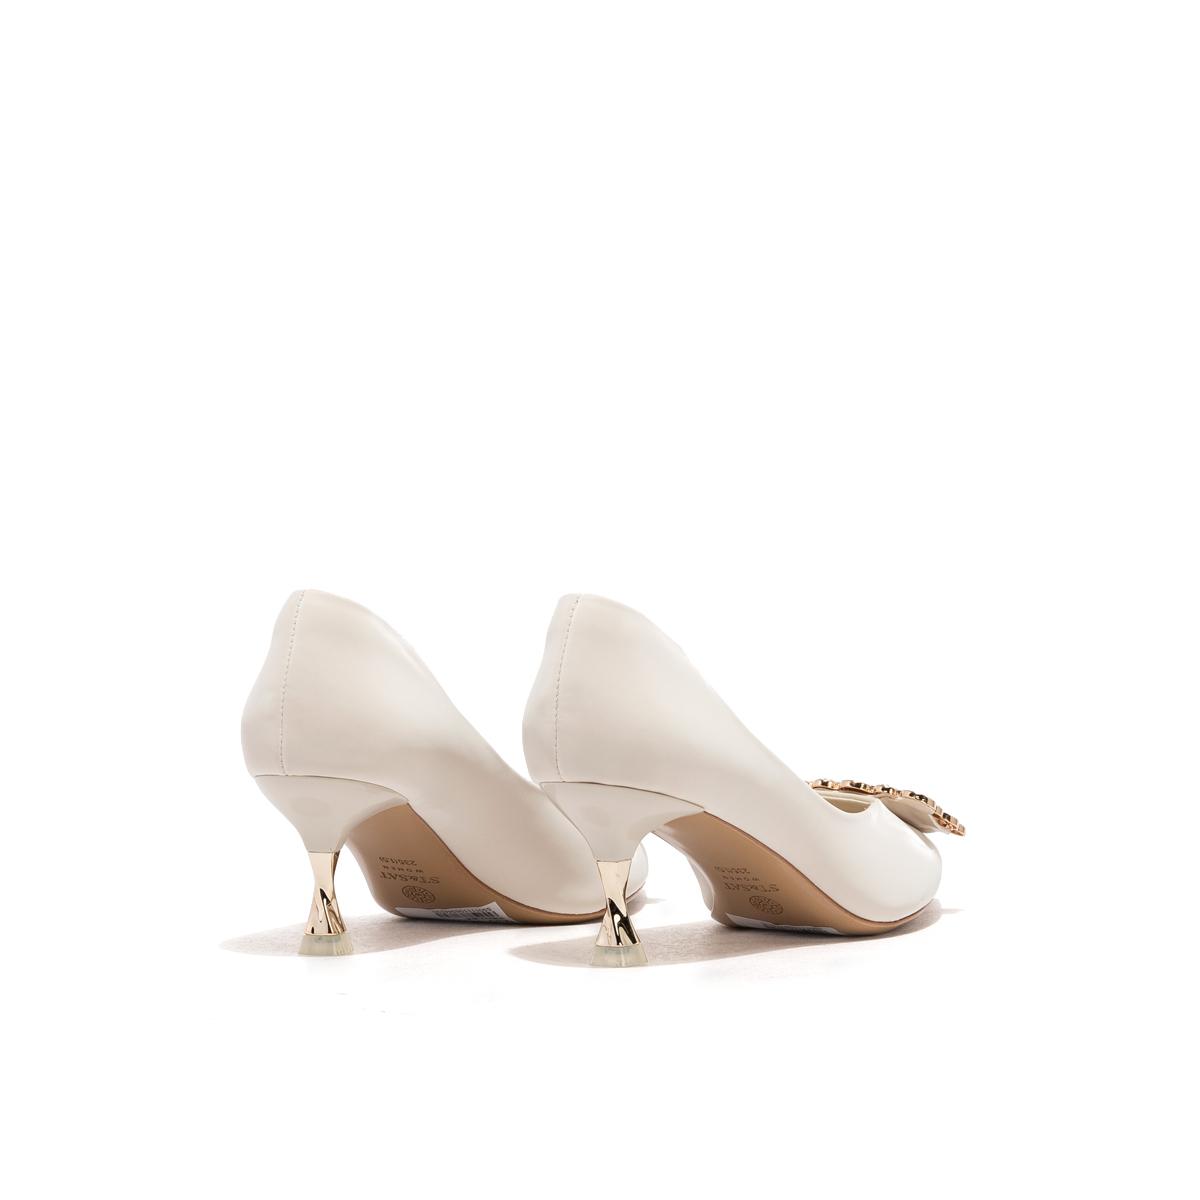 SS01111063 金属装饰细高跟单鞋 2020 星期六商场同款女鞋 Sat & St